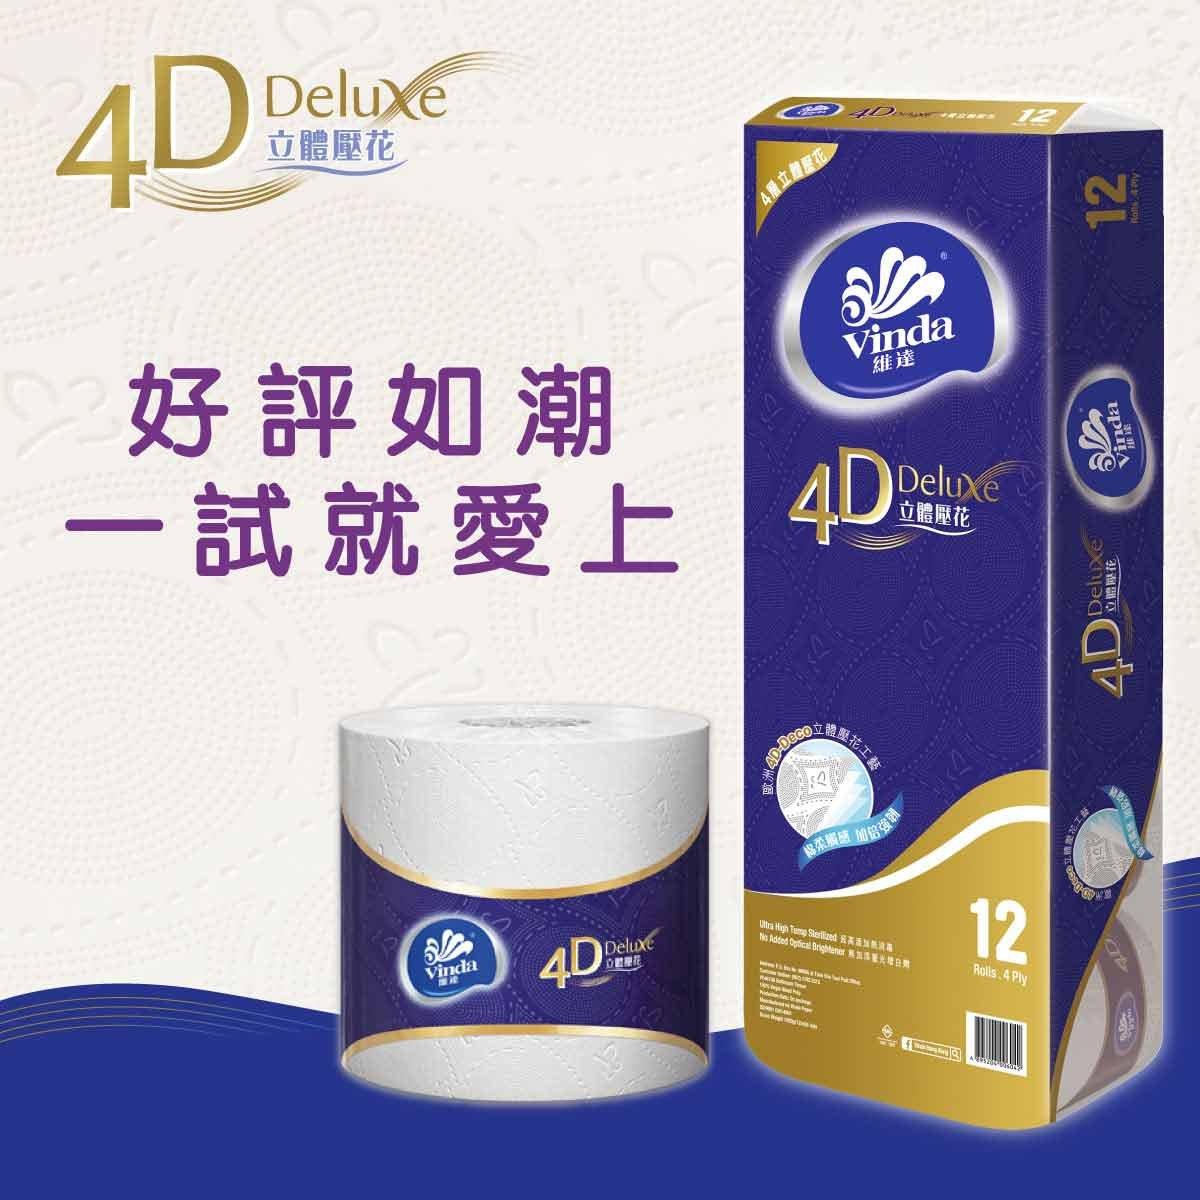 Vinda   4-D Deluxe 4-ply Roll Tissue 12 rolls   HKTVmall Online Shopping